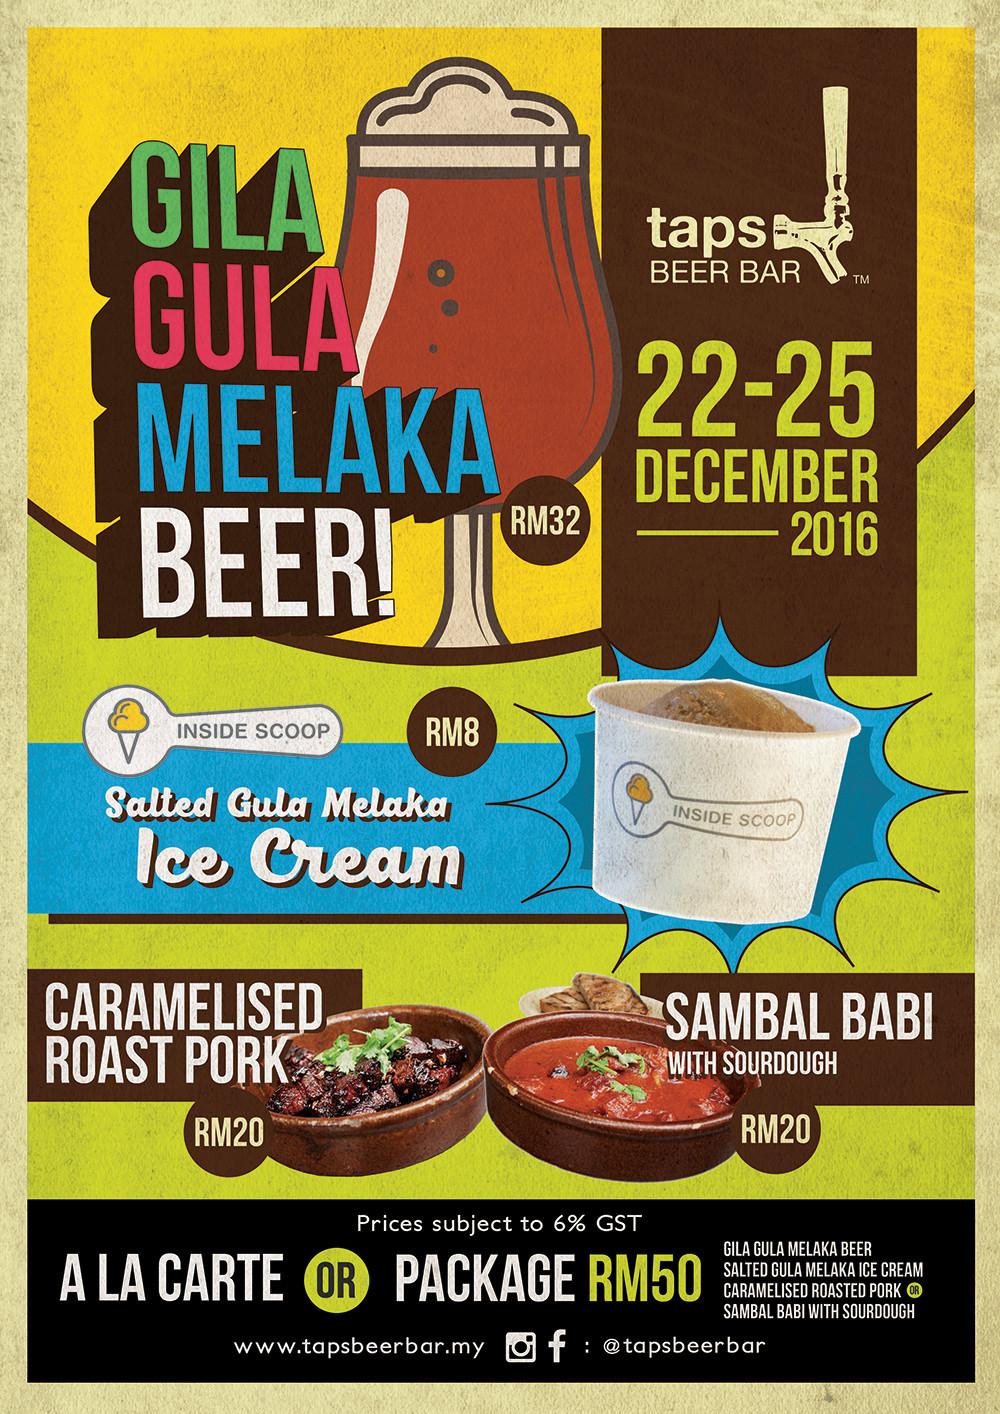 Gila Gula Melaka Beer